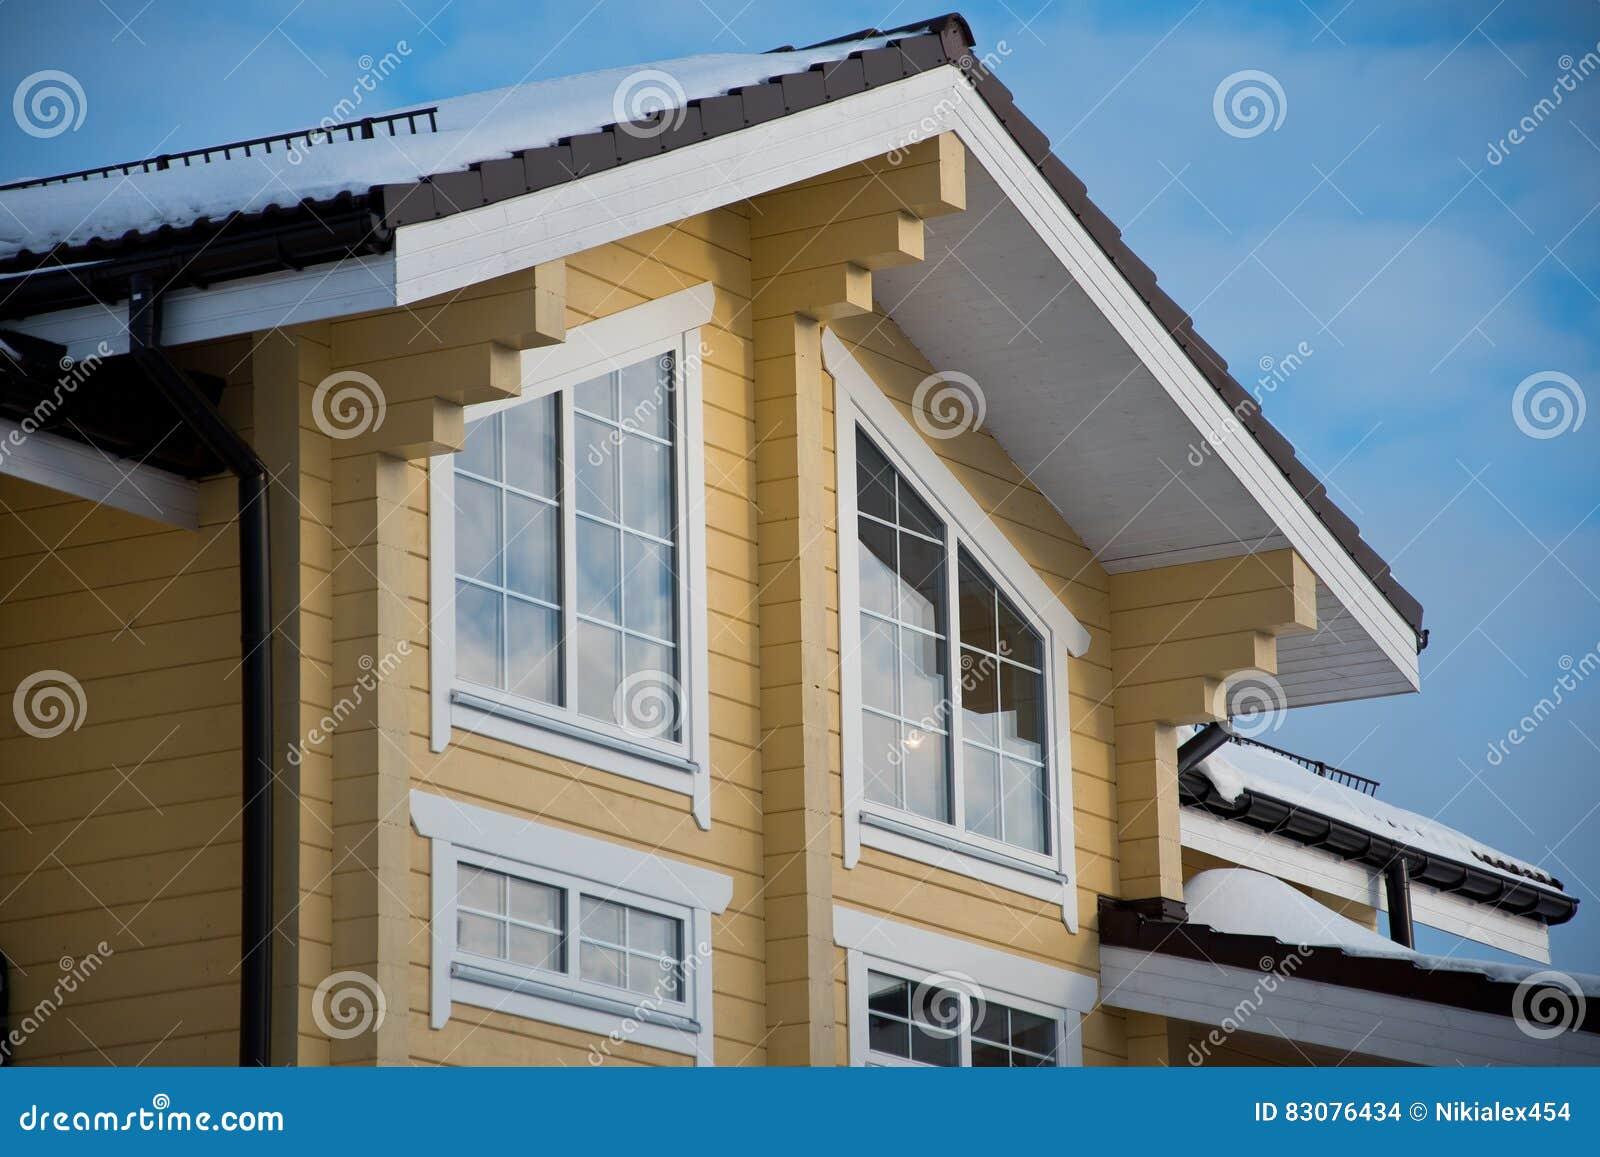 Facciata e tetto di una casa di legno moderna fotografia - Casa legno moderna ...